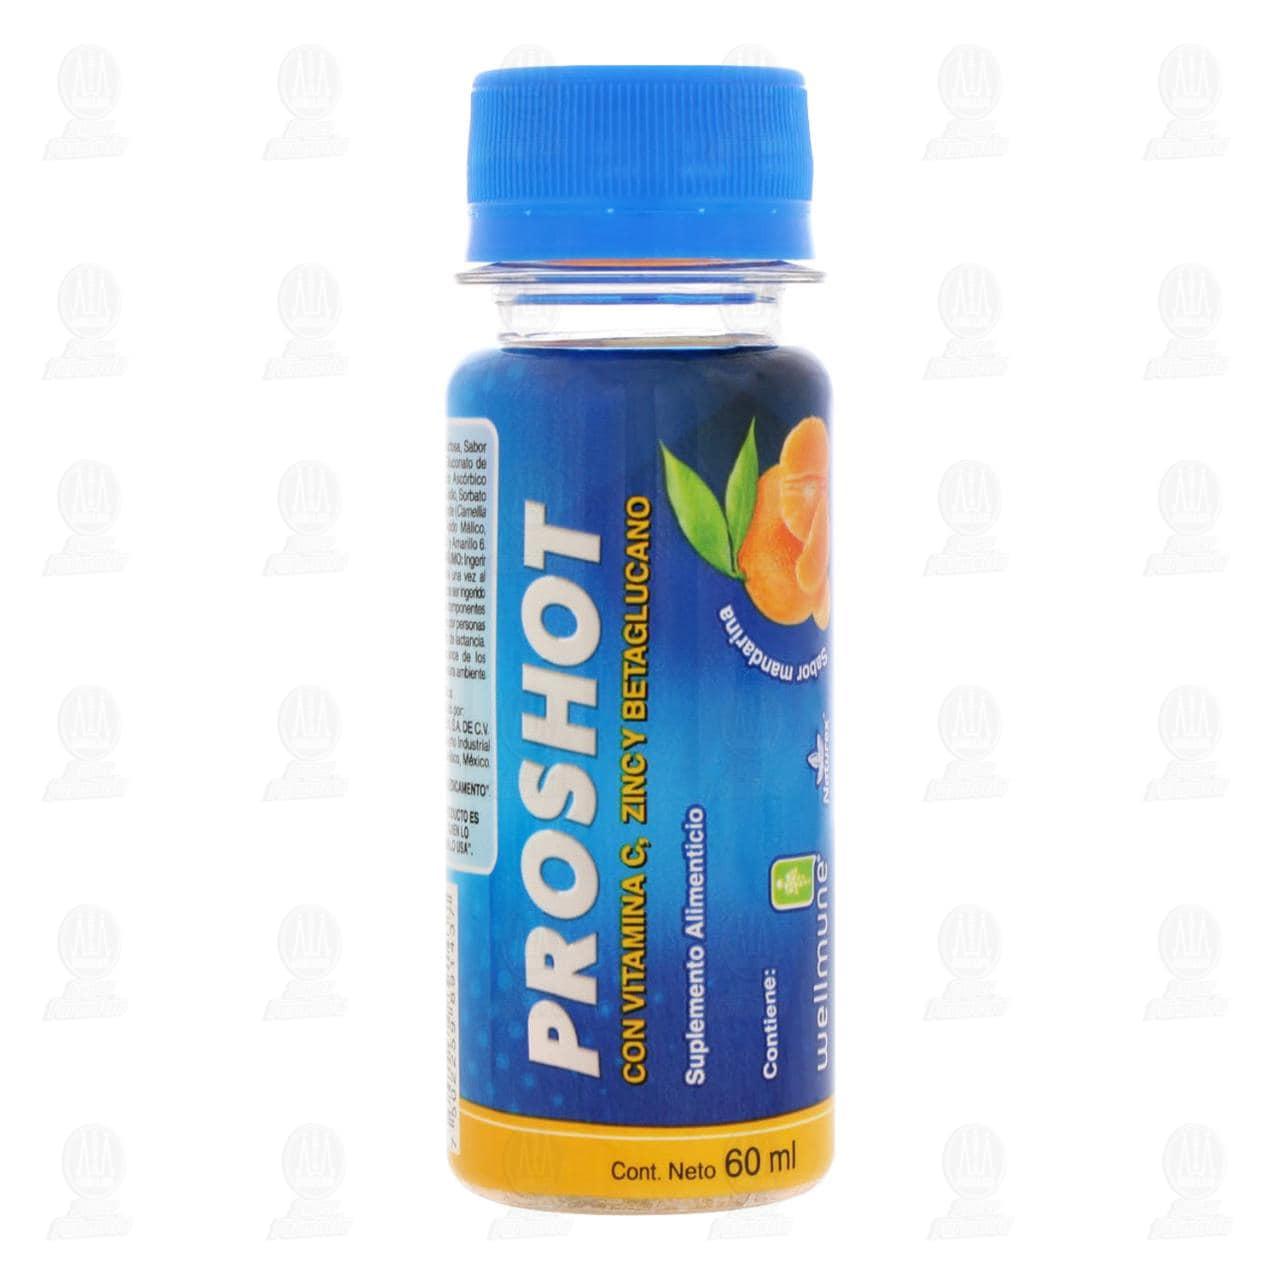 Comprar Suplemento Alimenticio Proshot Sabor Mandarina 60ml en Farmacias Guadalajara